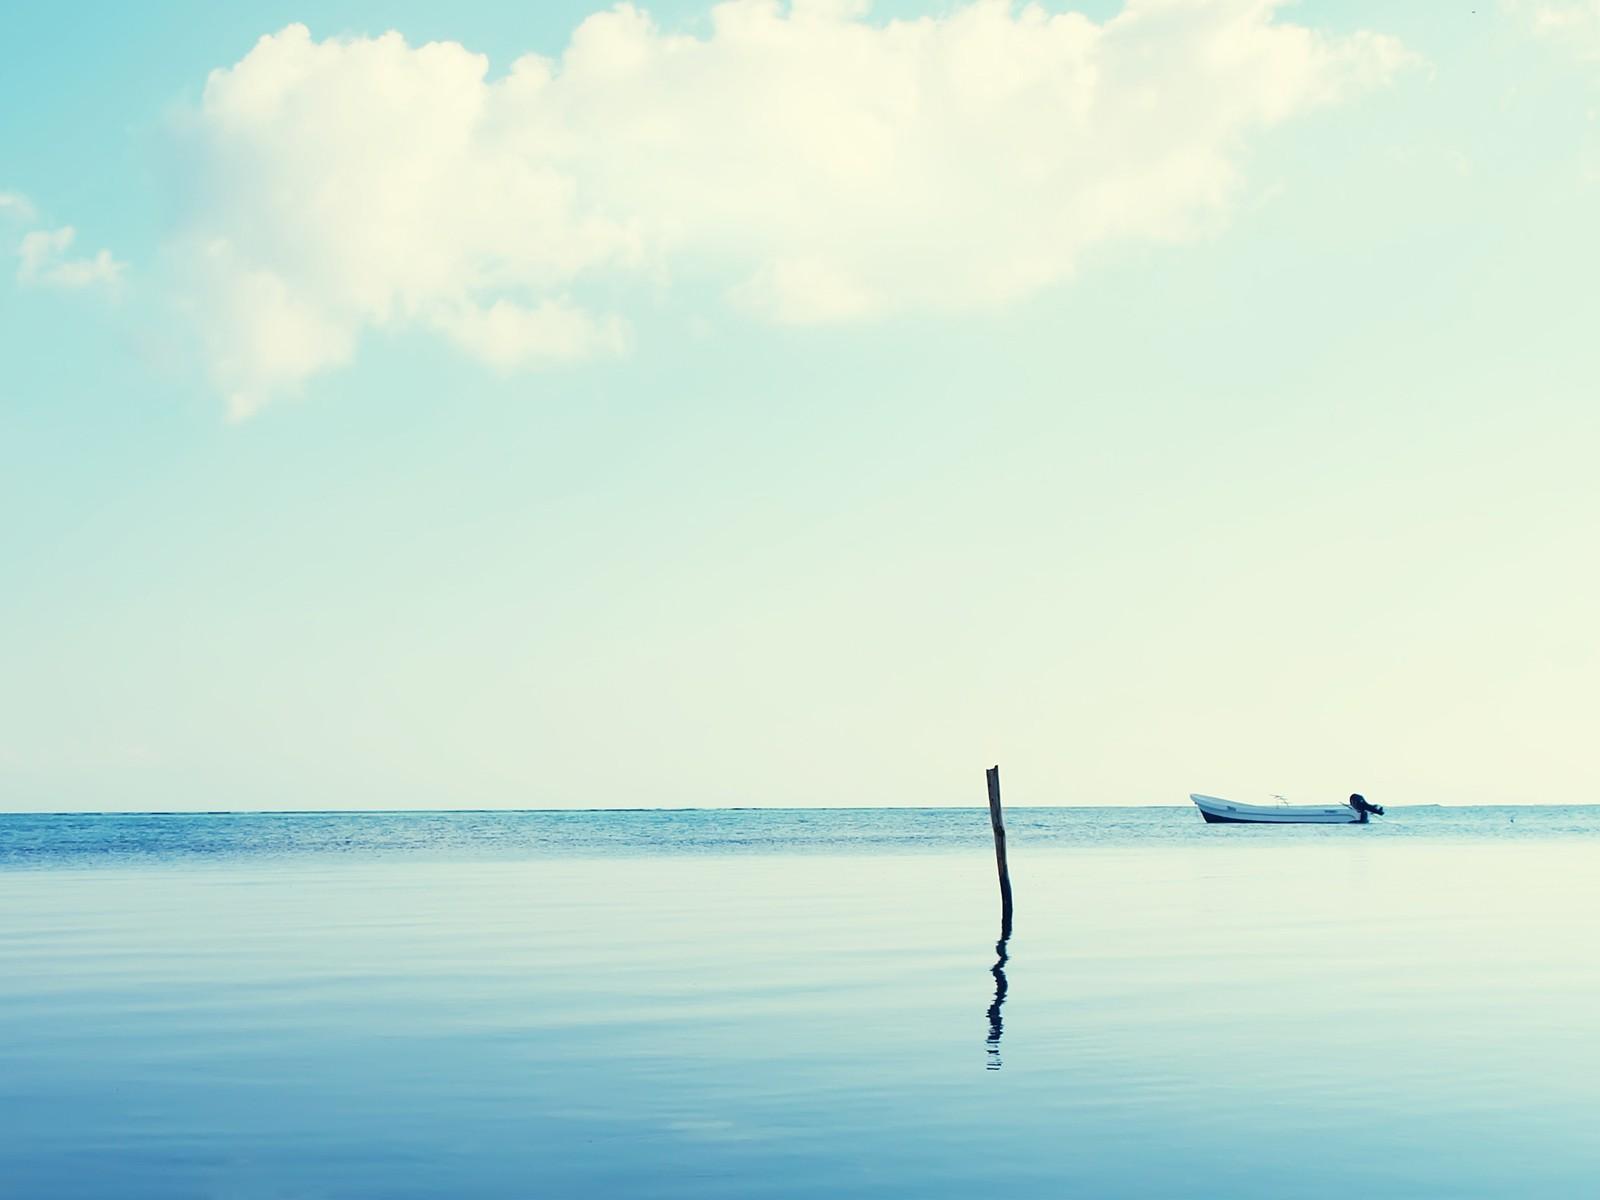 landscape sea horizon boat